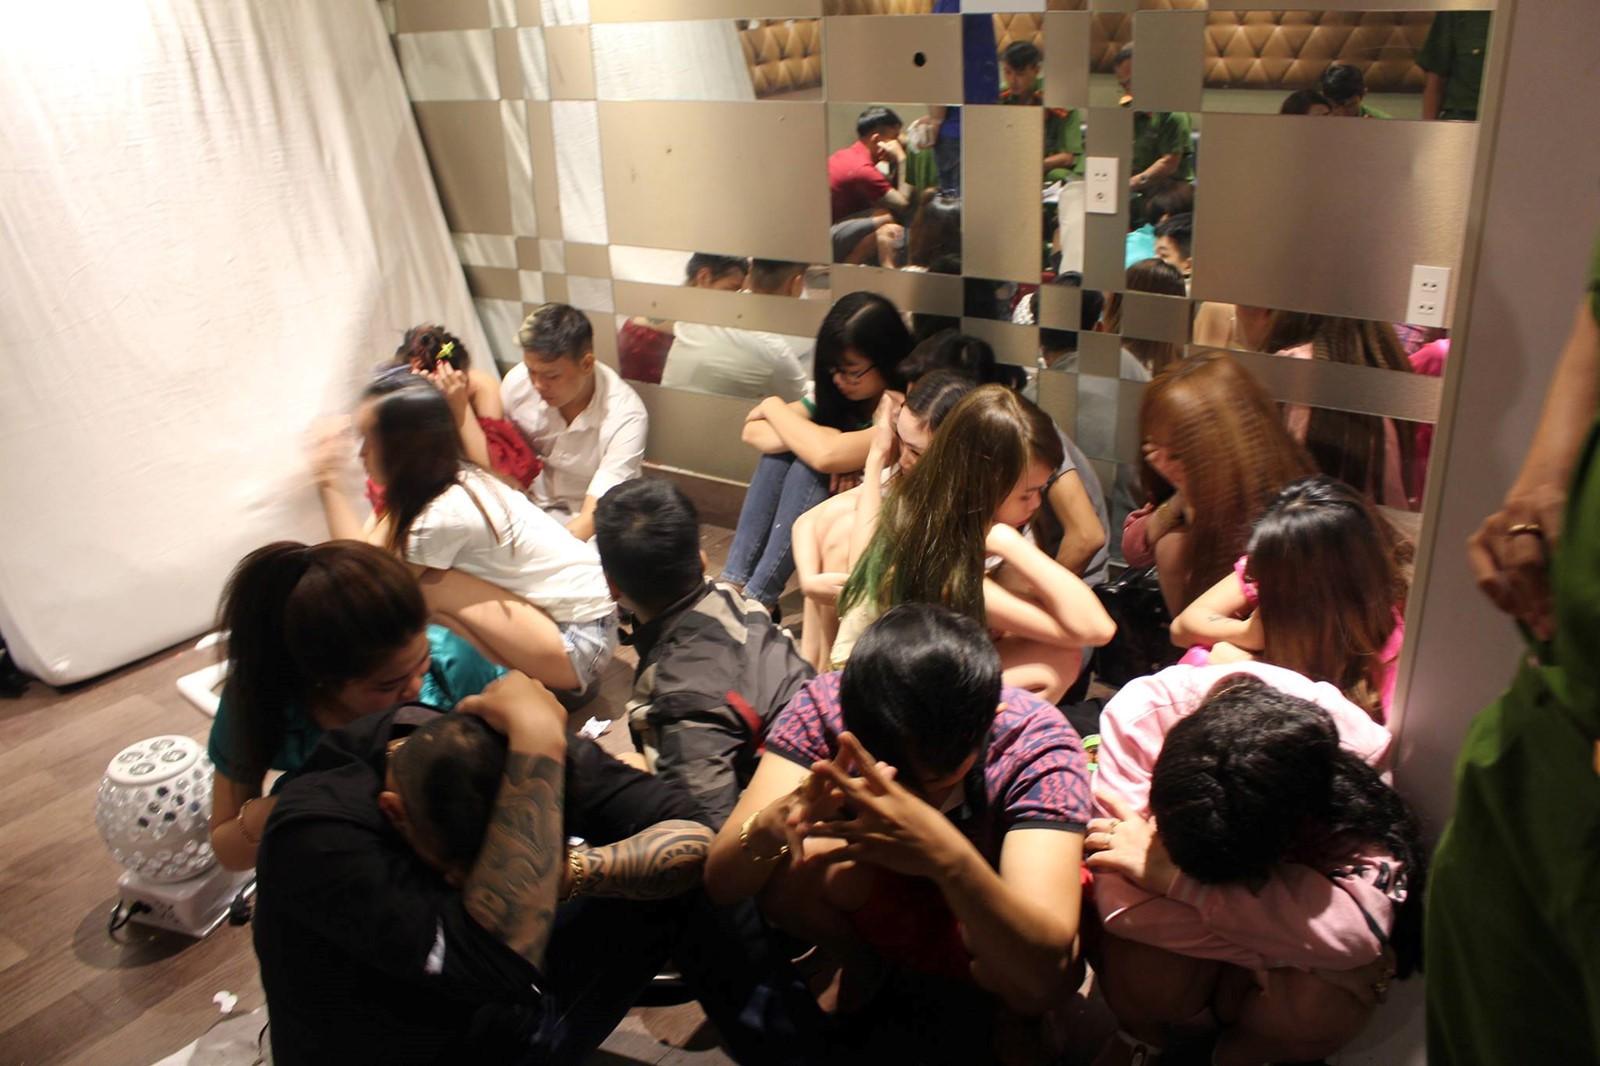 Nhóm dân chơi tổ chức tiệc ma tuý tập thể ở quán karaoke Lucky tại Sài Gòn - Ảnh 1.